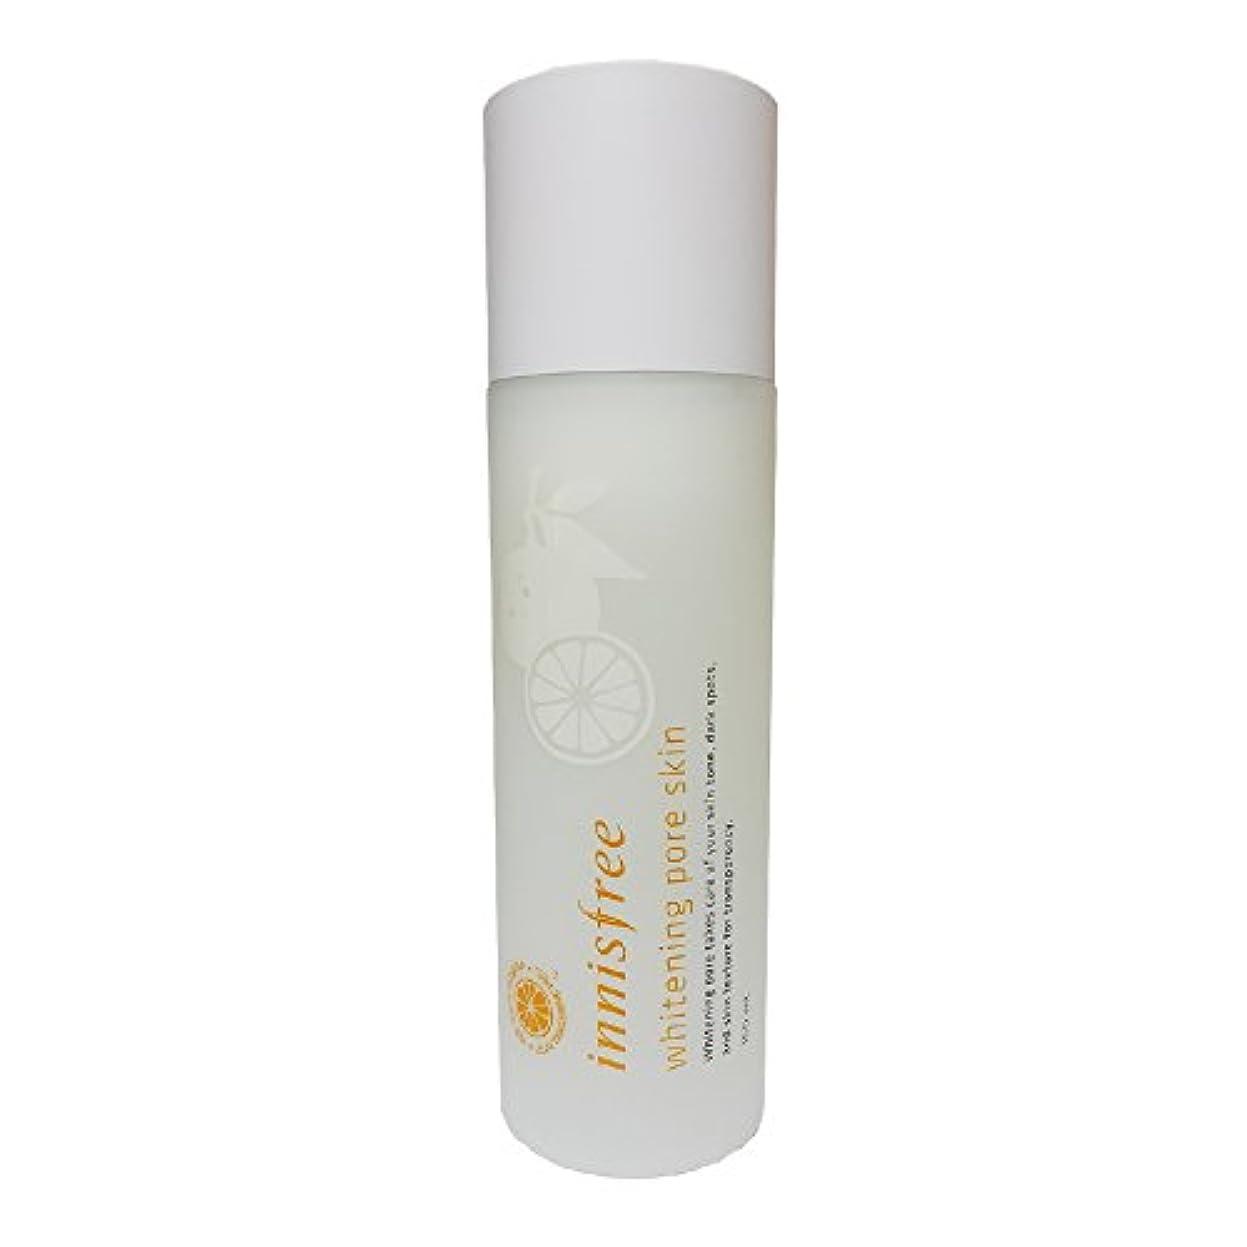 火音声告白[イニスフリー] Innisfree ホワイトニング毛穴スキン (150ml) Innisfree Whitening Pore Skin(150ml) [海外直送品]